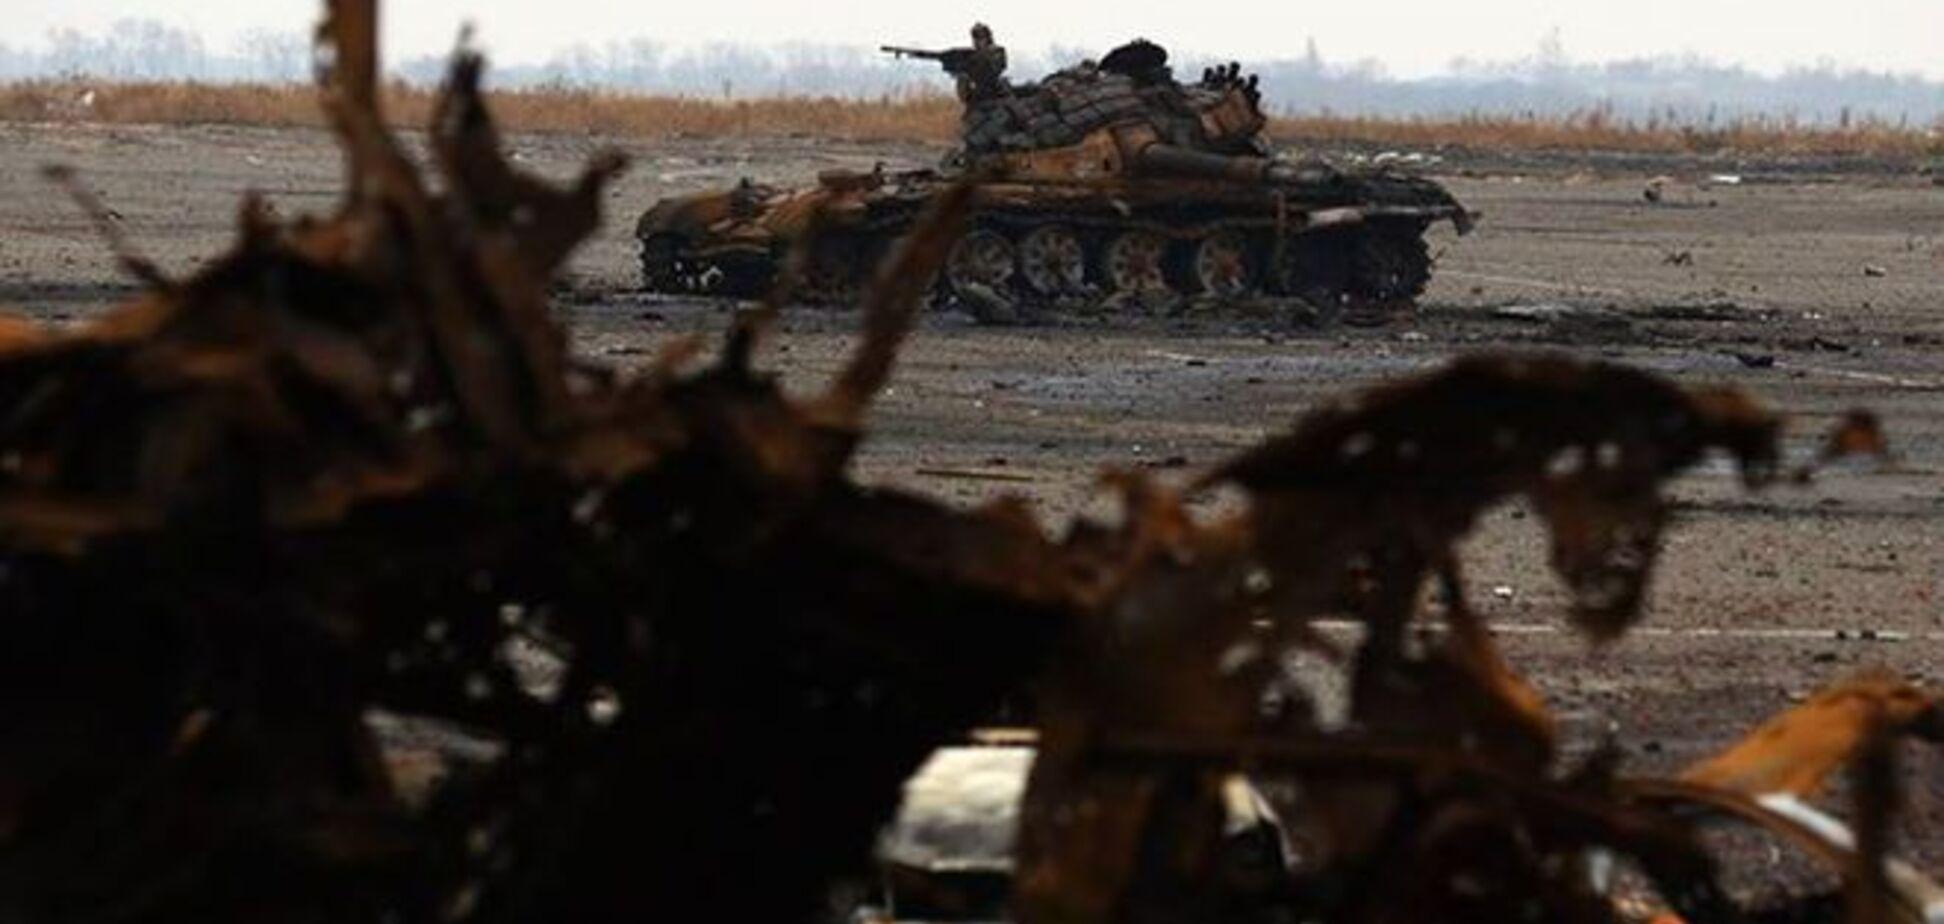 Часть 'киборгов' остается в разрушенном аэропорту, боевики наступают на Пески